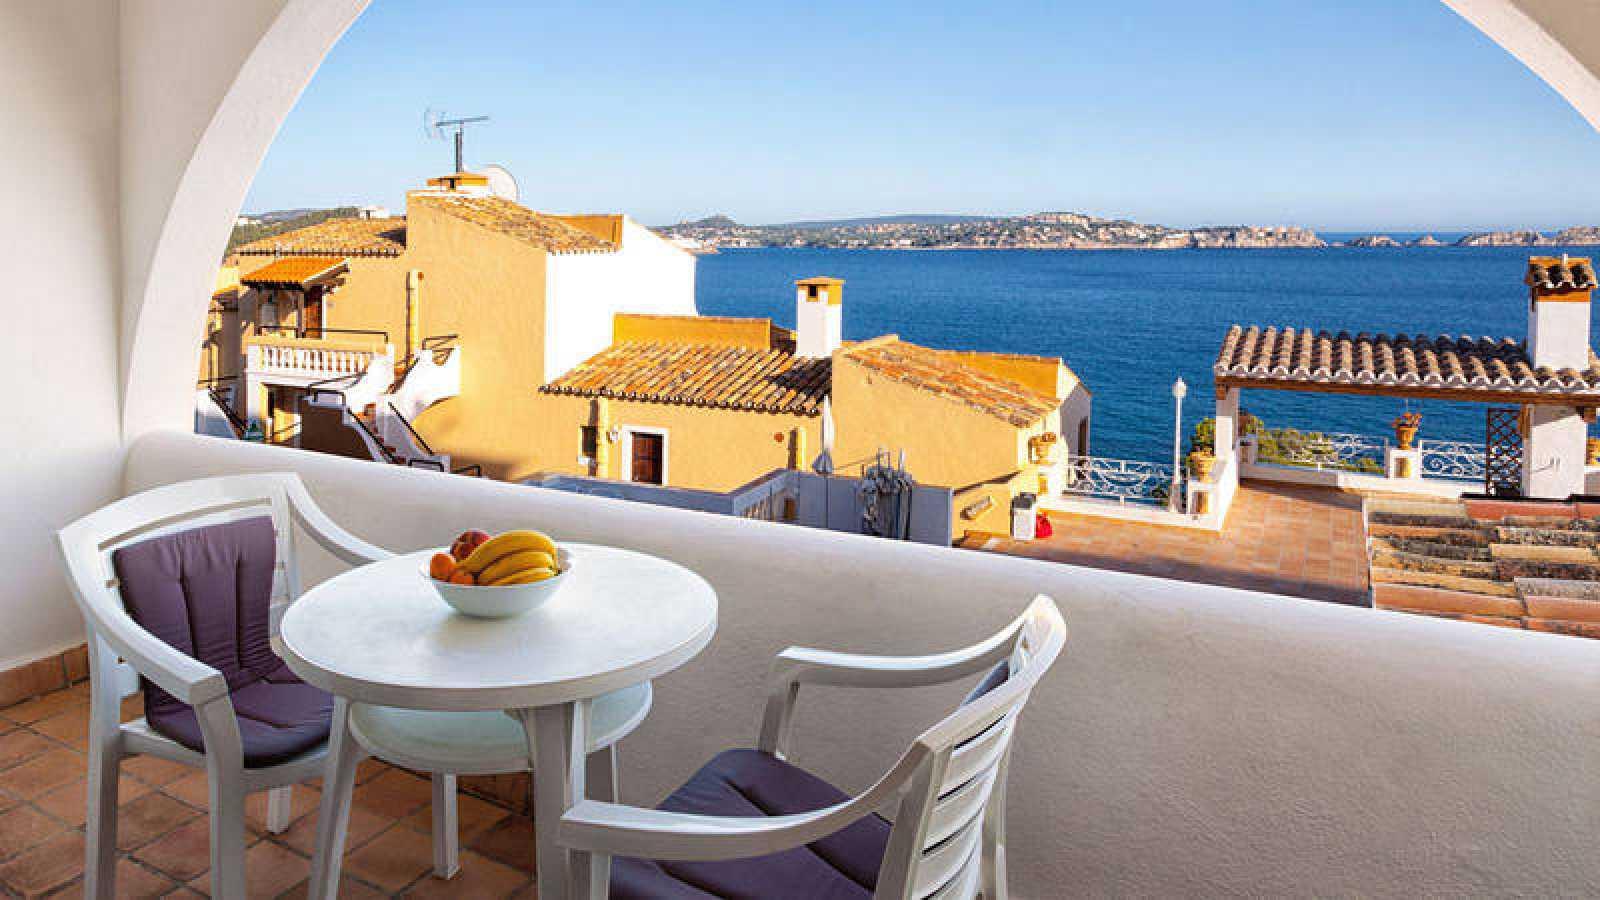 Terraza de un apartamento con vistas al mar